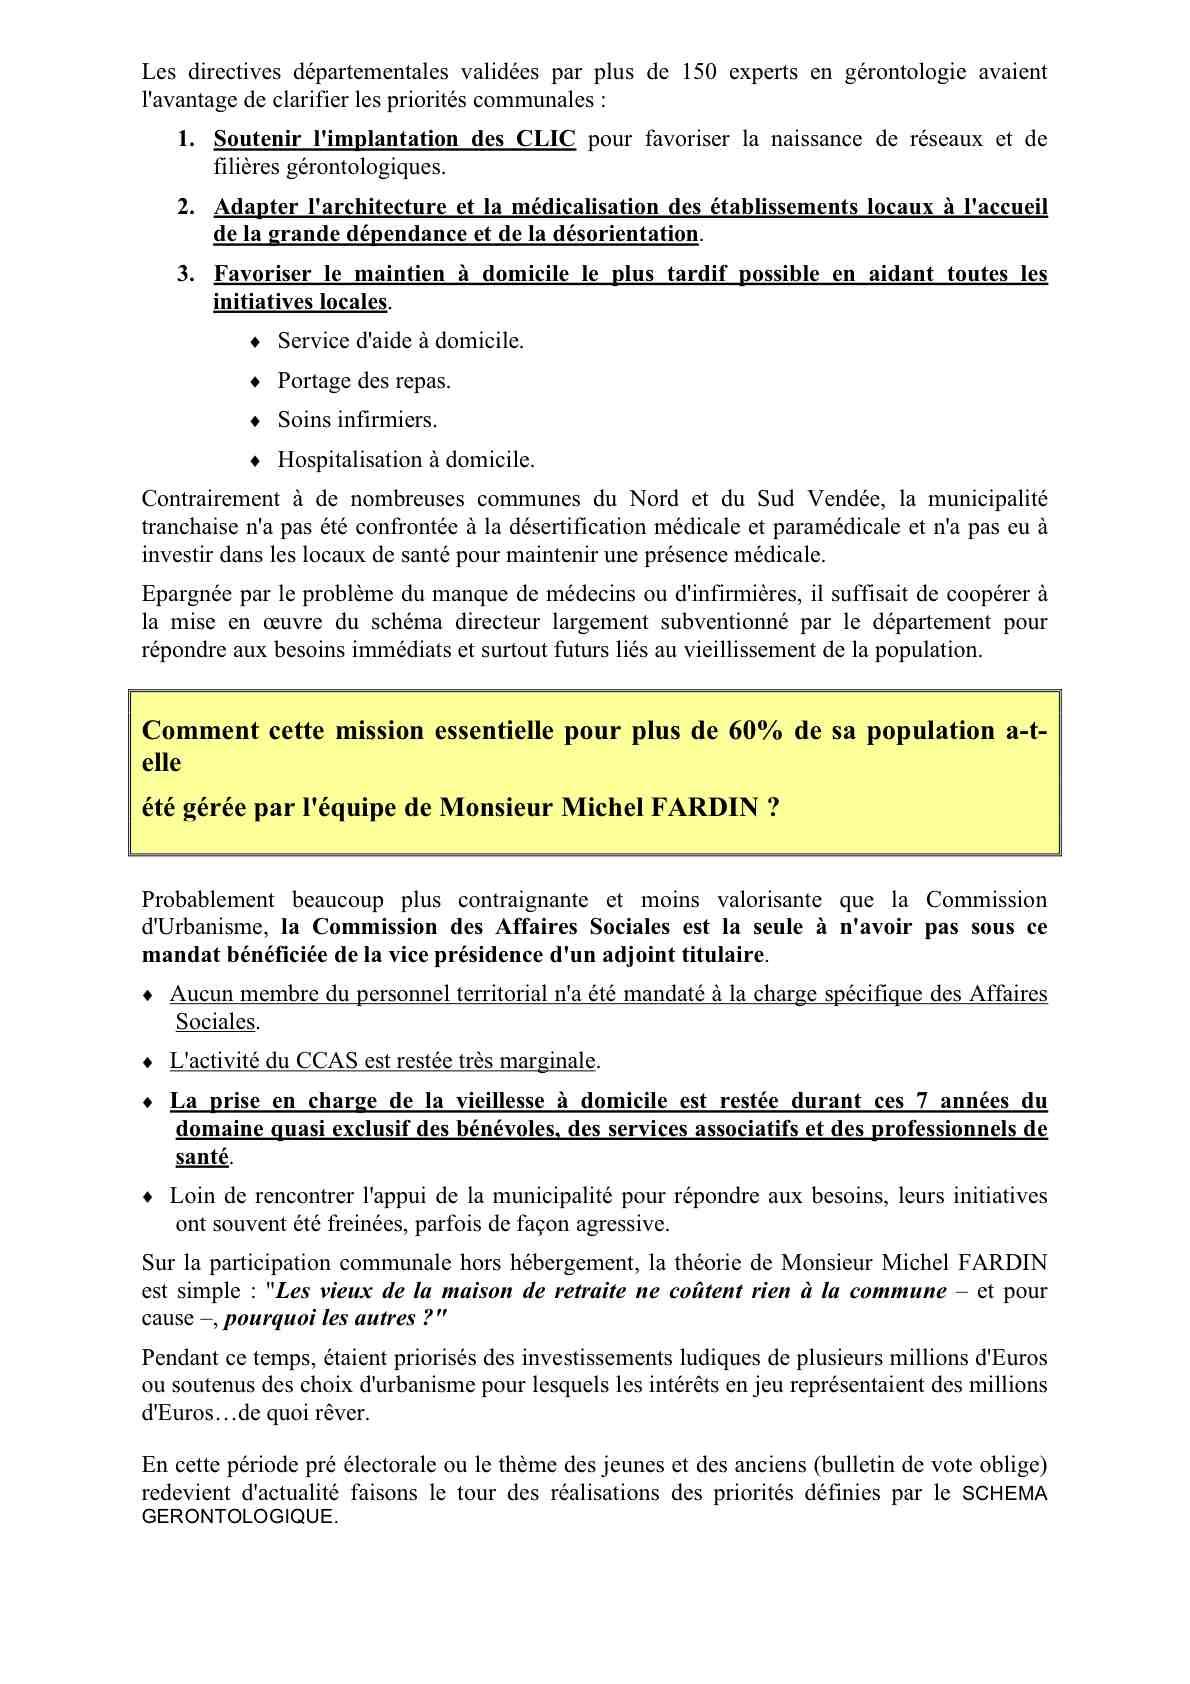 V4 PDF 4JPEG.jpg